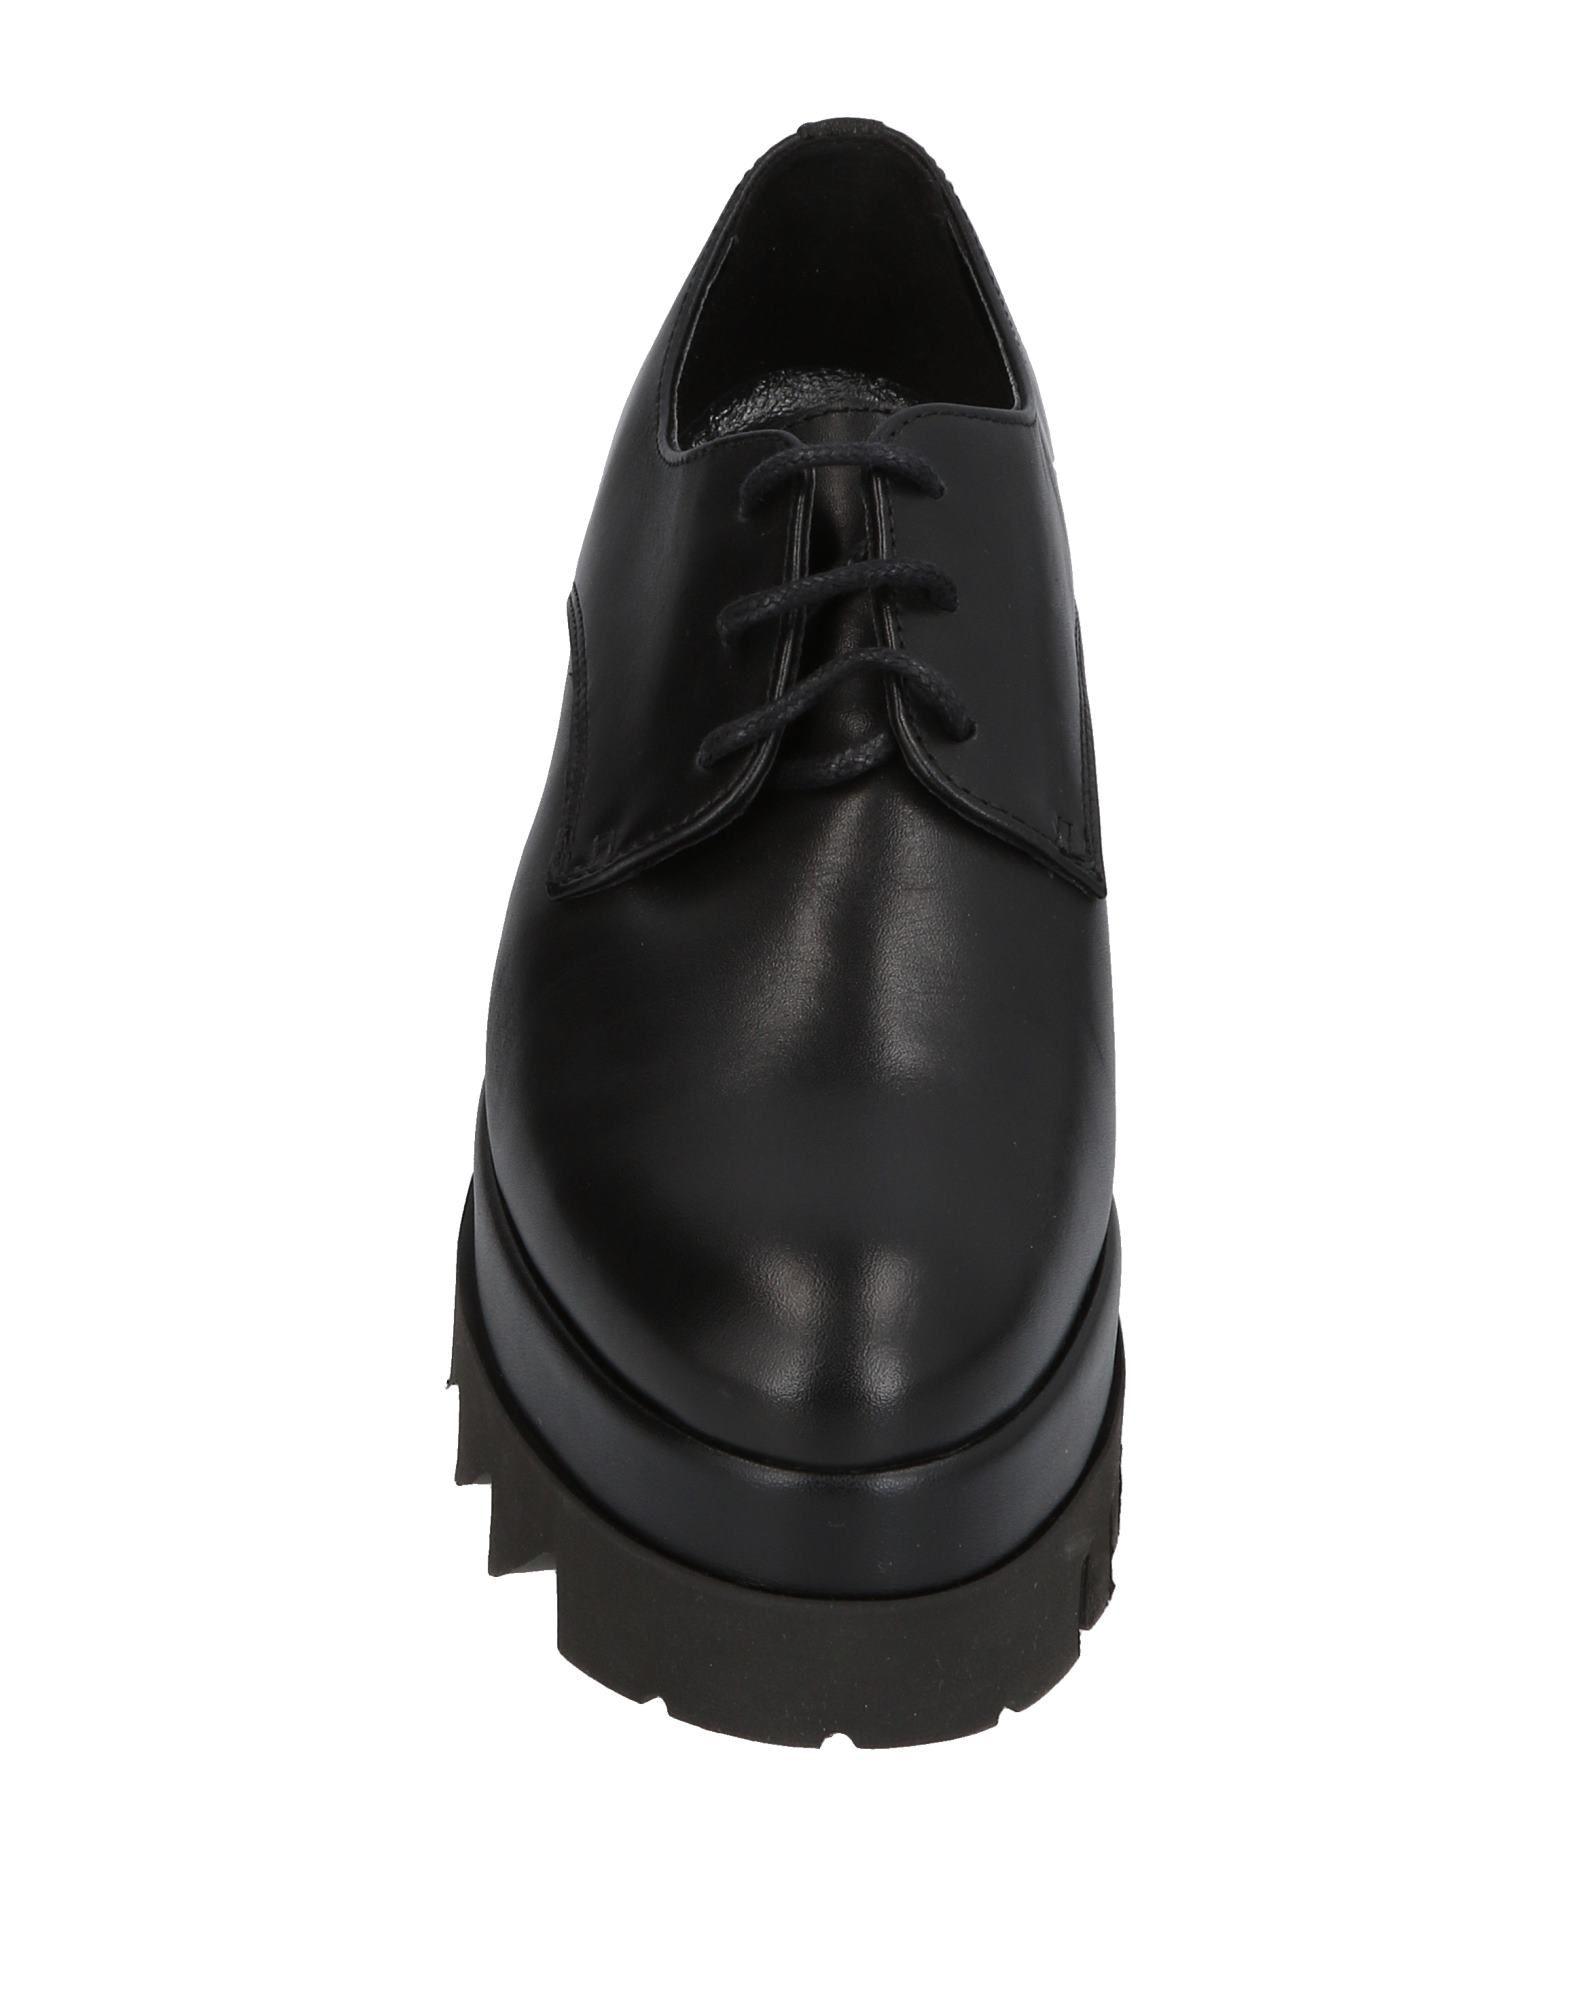 Cult Schnürschuhe Schnürschuhe Cult Damen  11423030MJ Gute Qualität beliebte Schuhe 9b74ec